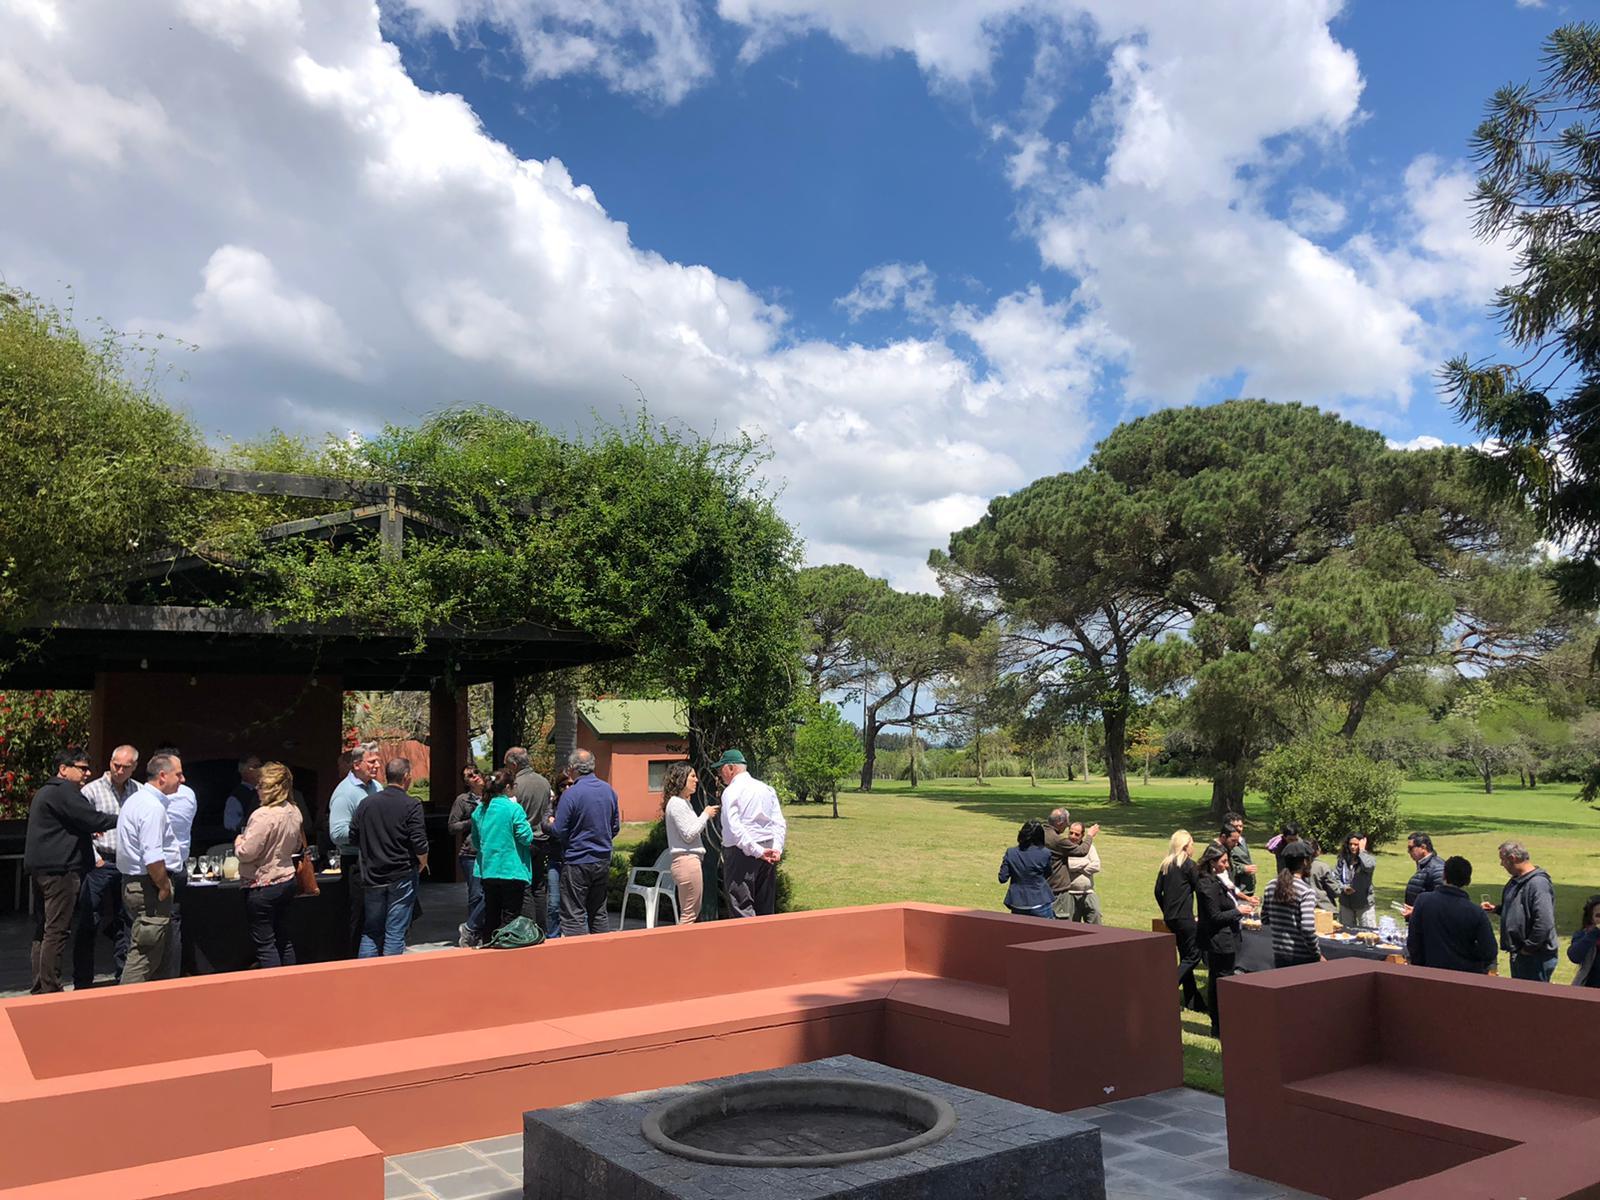 Presentan estándar global de protección de la biodiversidad para evaluar áreas naturales de Uruguay